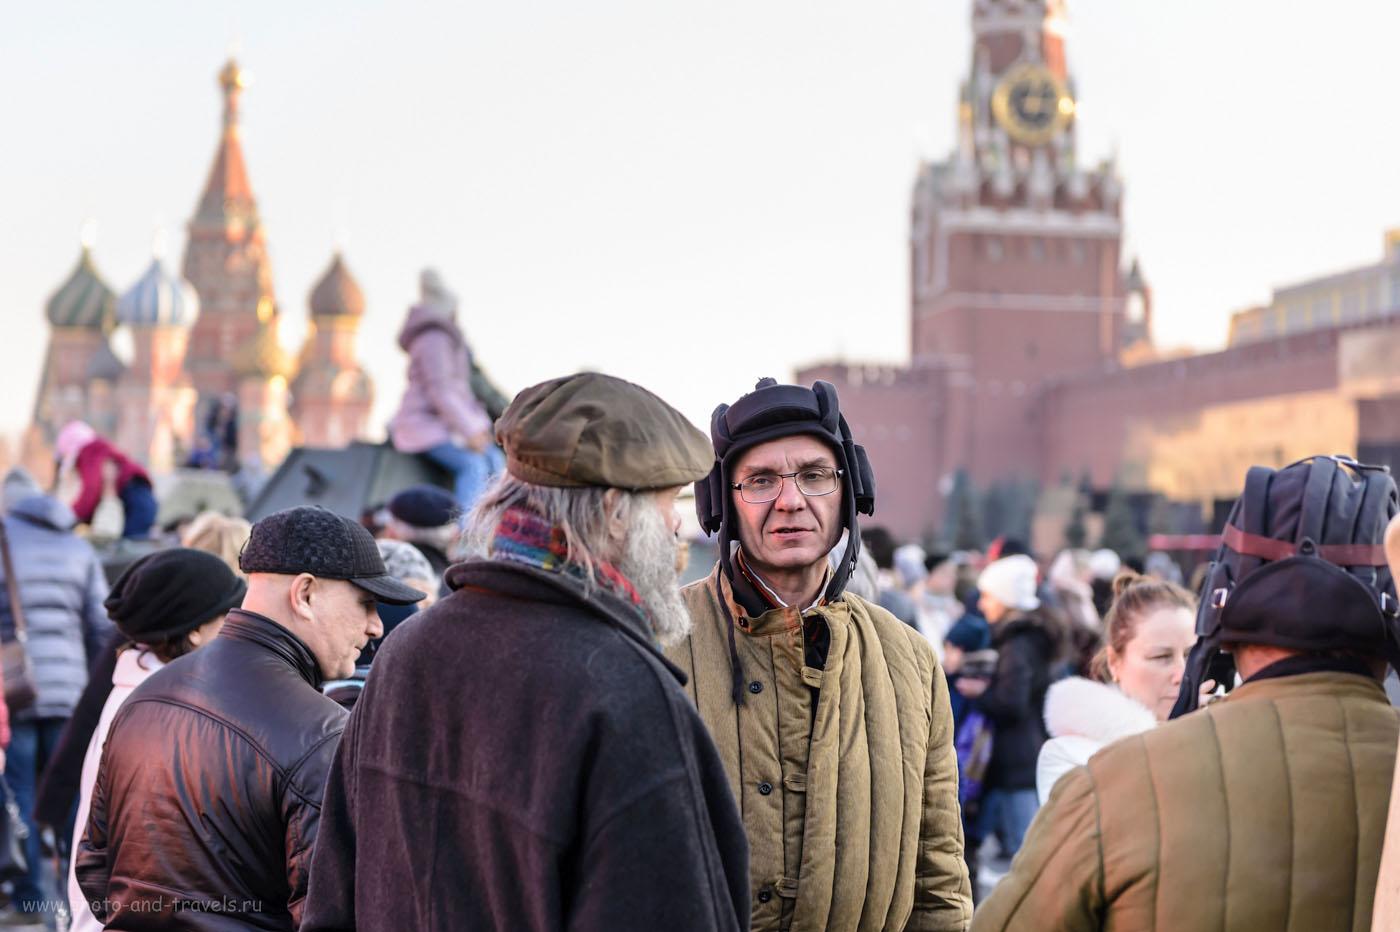 25. На Красной площади прошло костюмированное шествие в память о параде 1941 года. 1/640, 2.8, 400, 70.